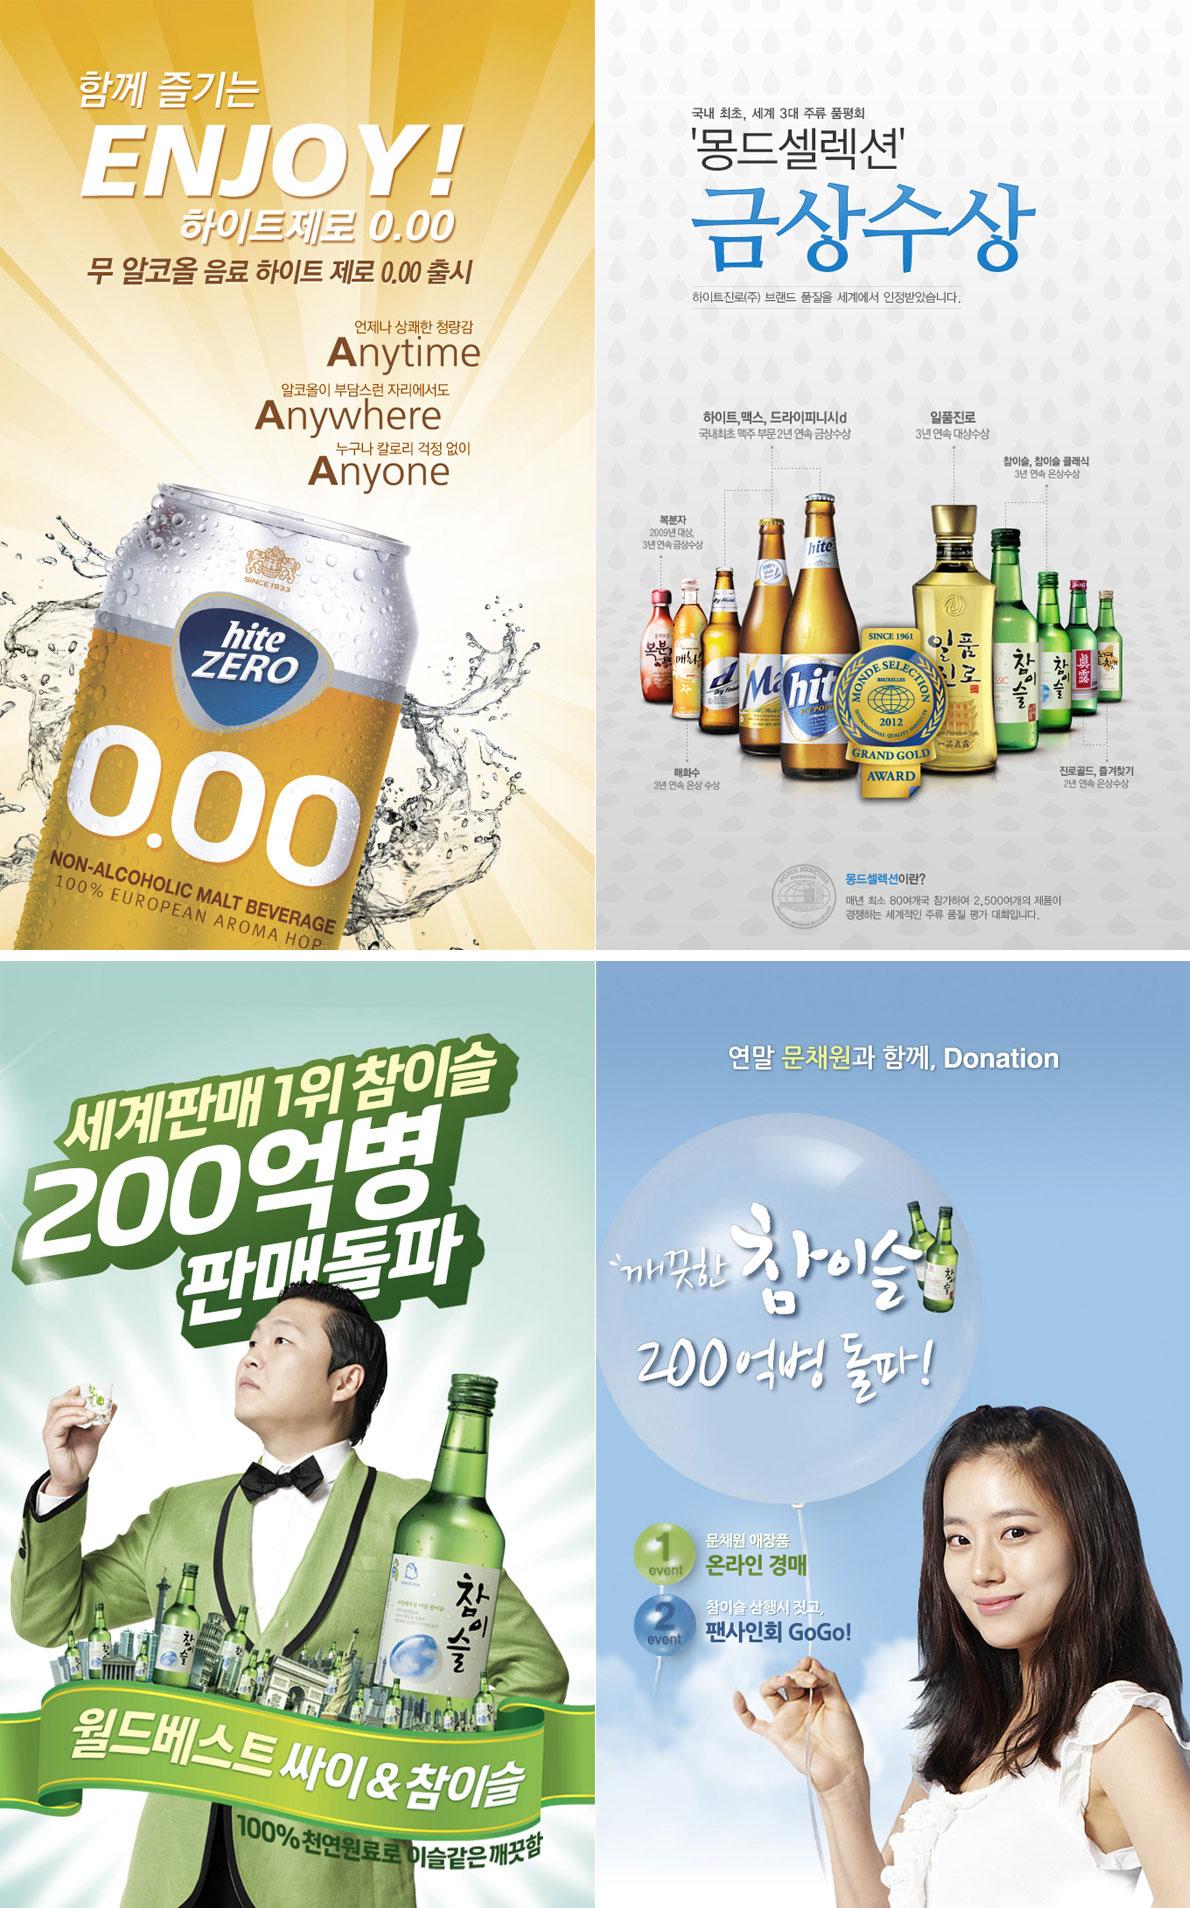 韓國啤酒網站廣告Banner設計欣賞